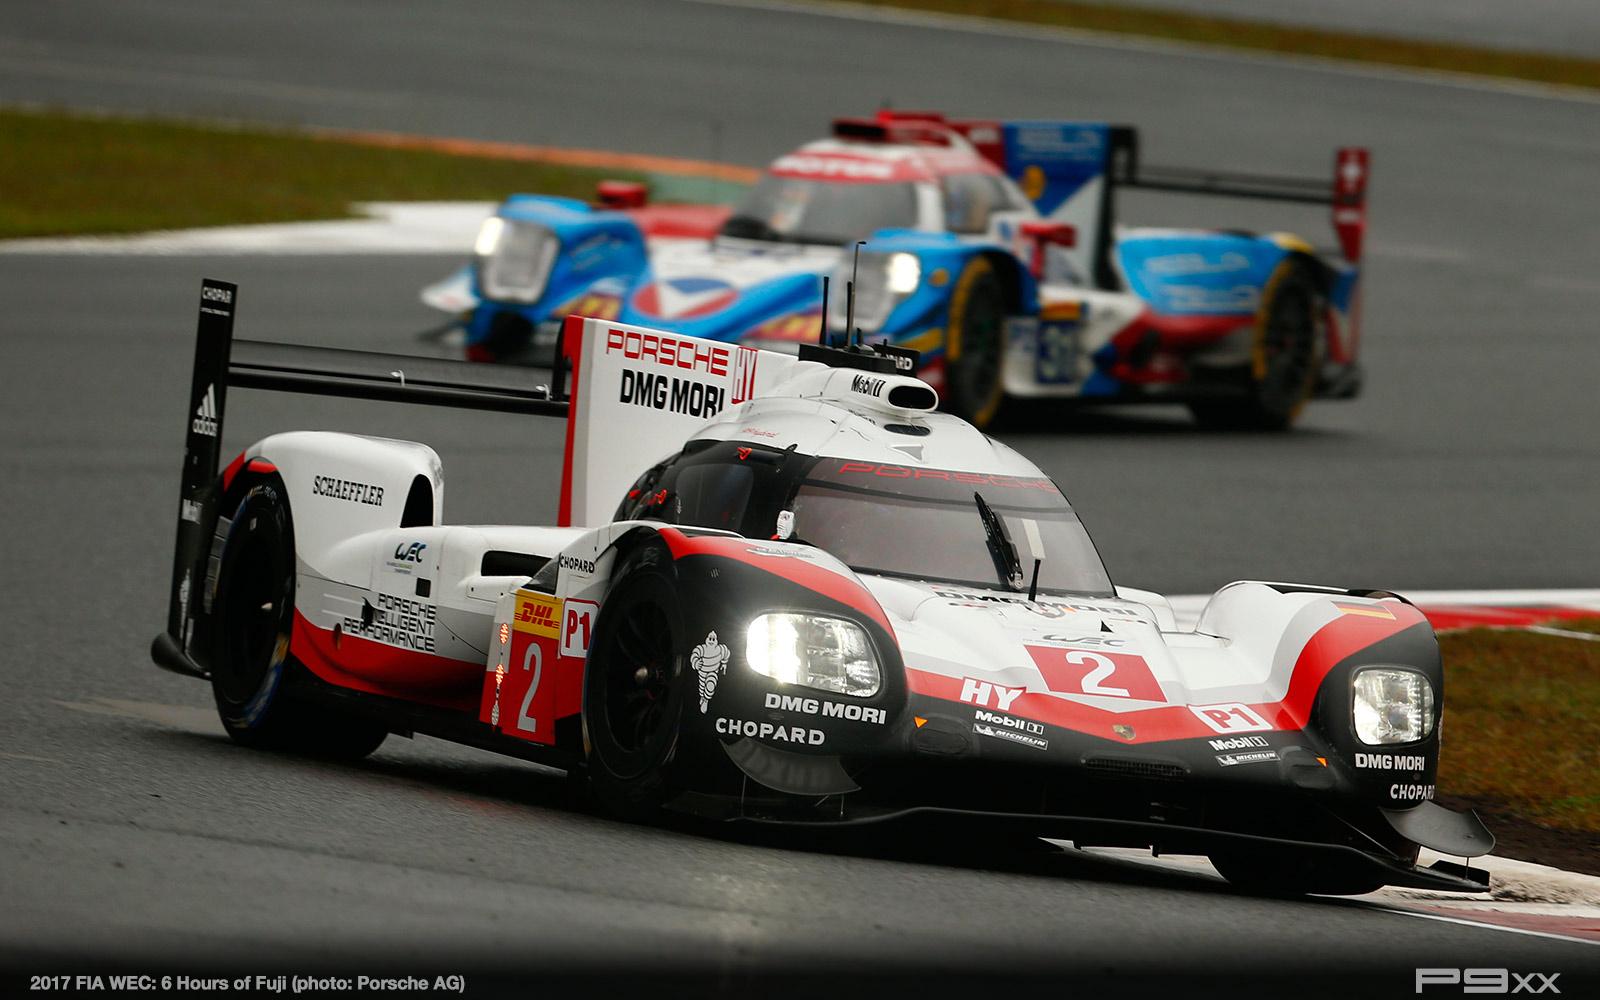 2017-FIA-WEC-6h-of-Fuji-Porsche-399